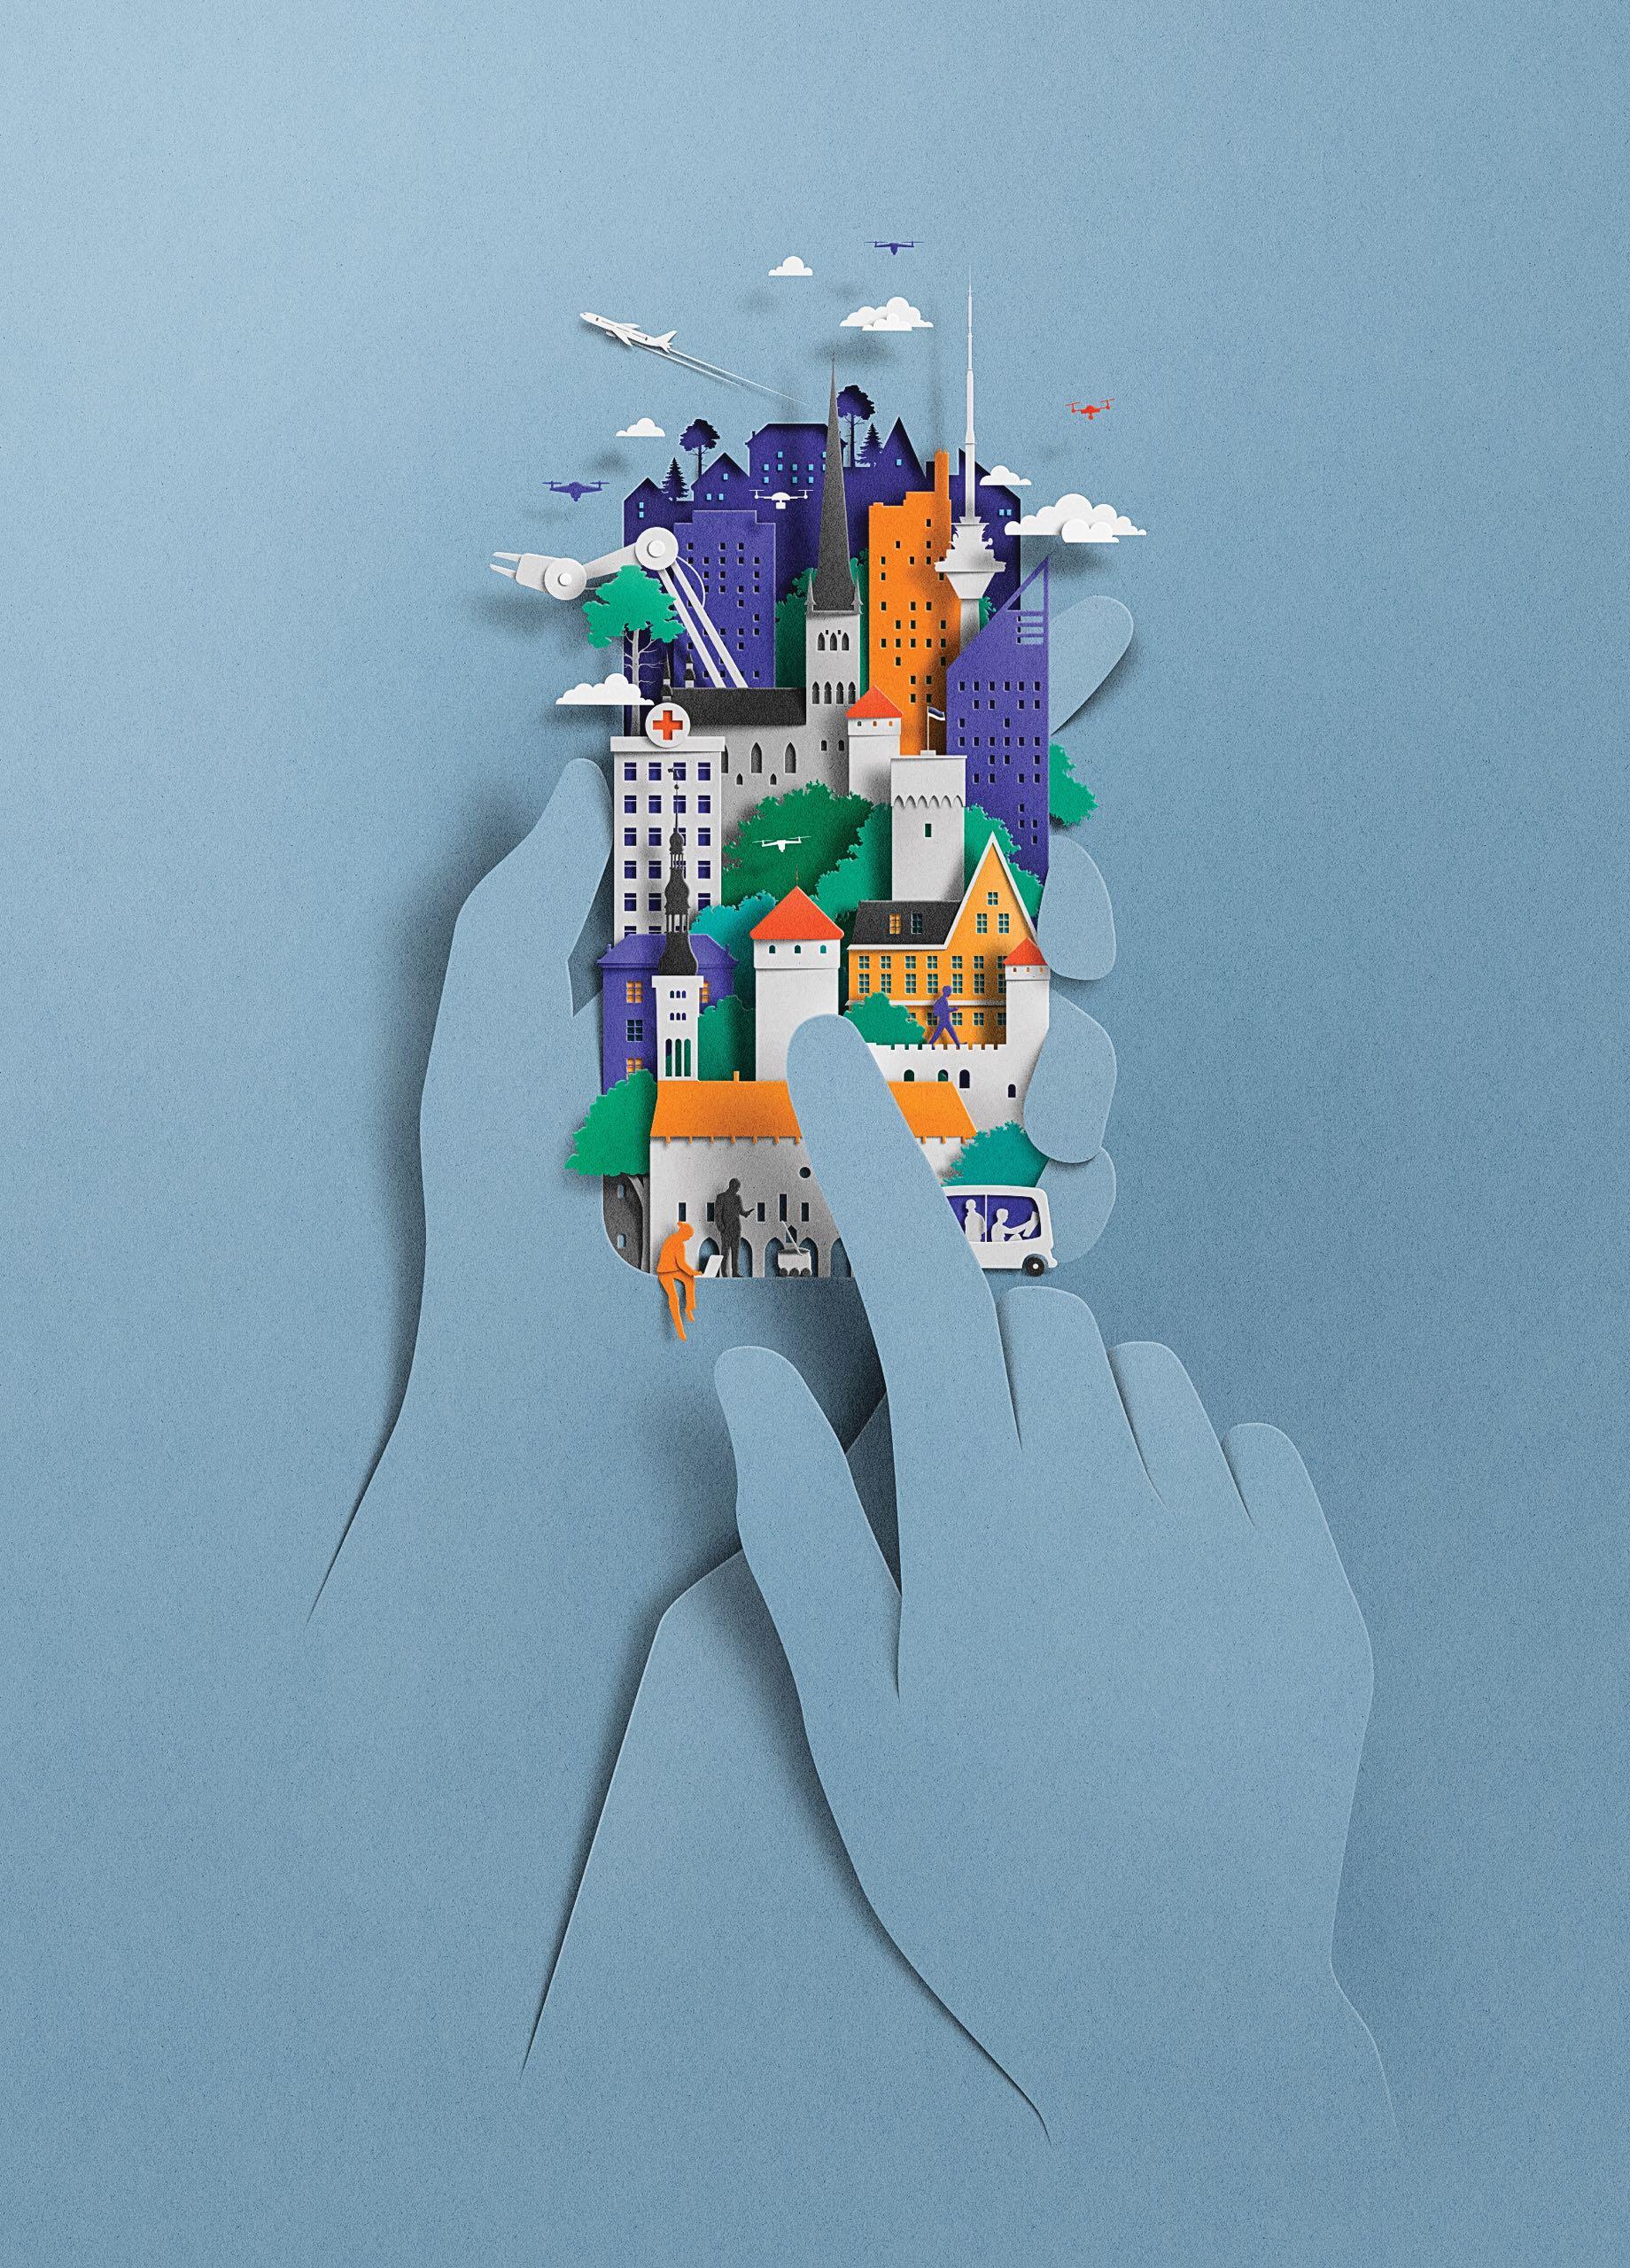 Test: Ai o viziune optimista asupra vietii? | Teste psihologice | Revista PSYCHOLOGIES Romania